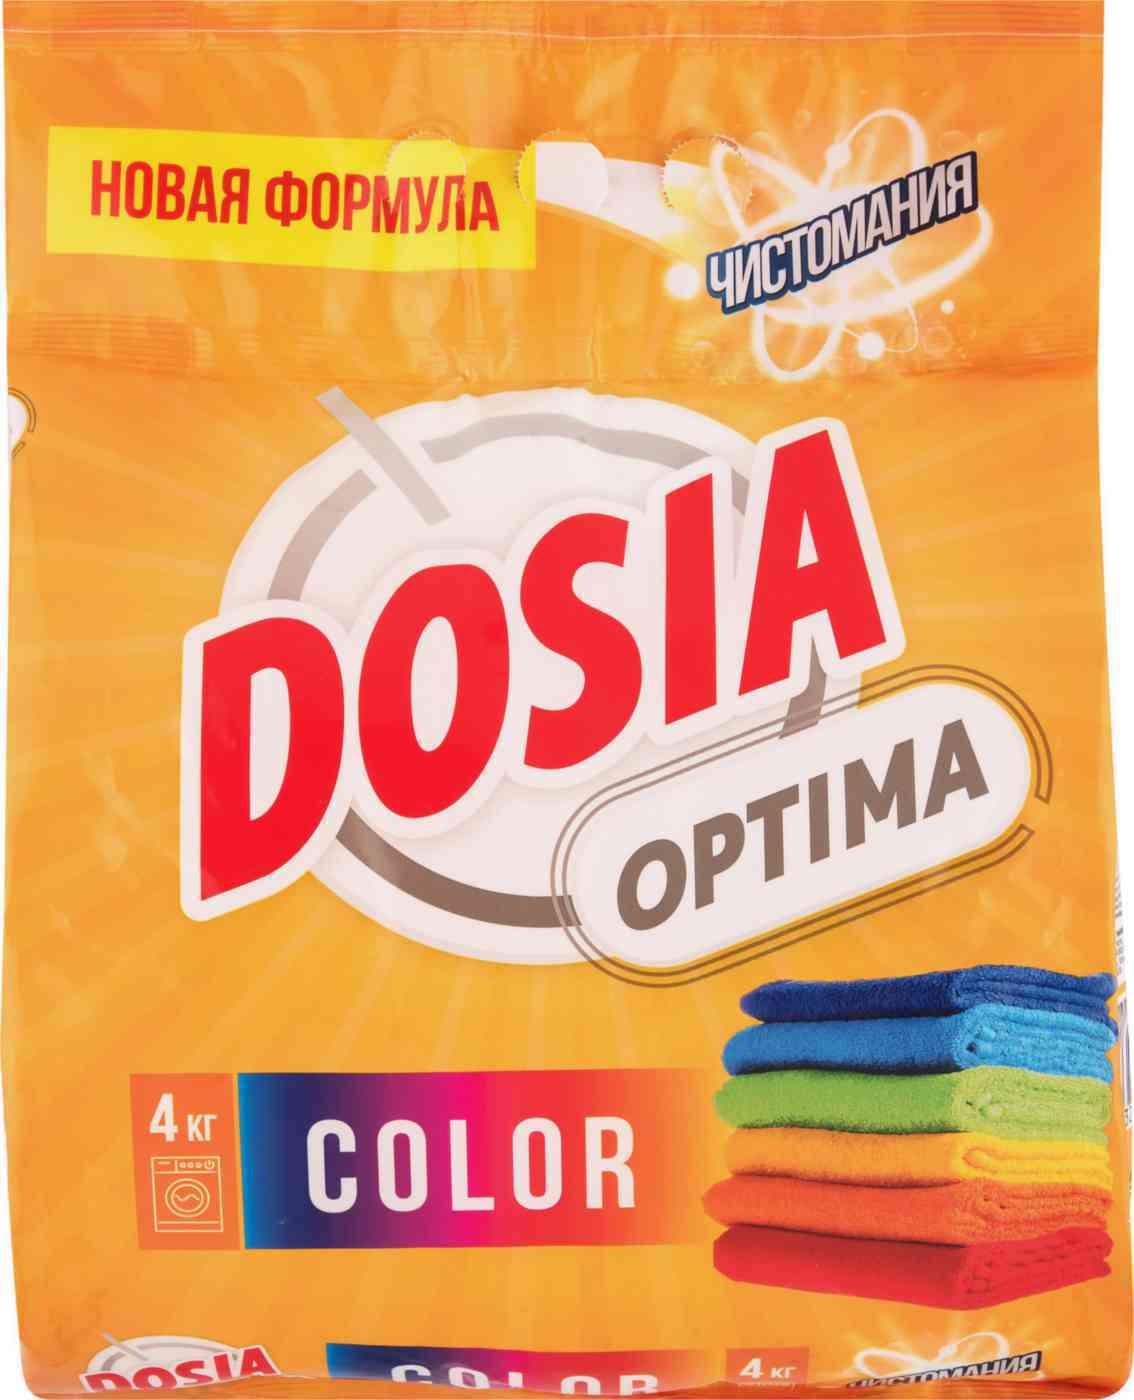 Стиральный порошок DOSIA color 4 кг